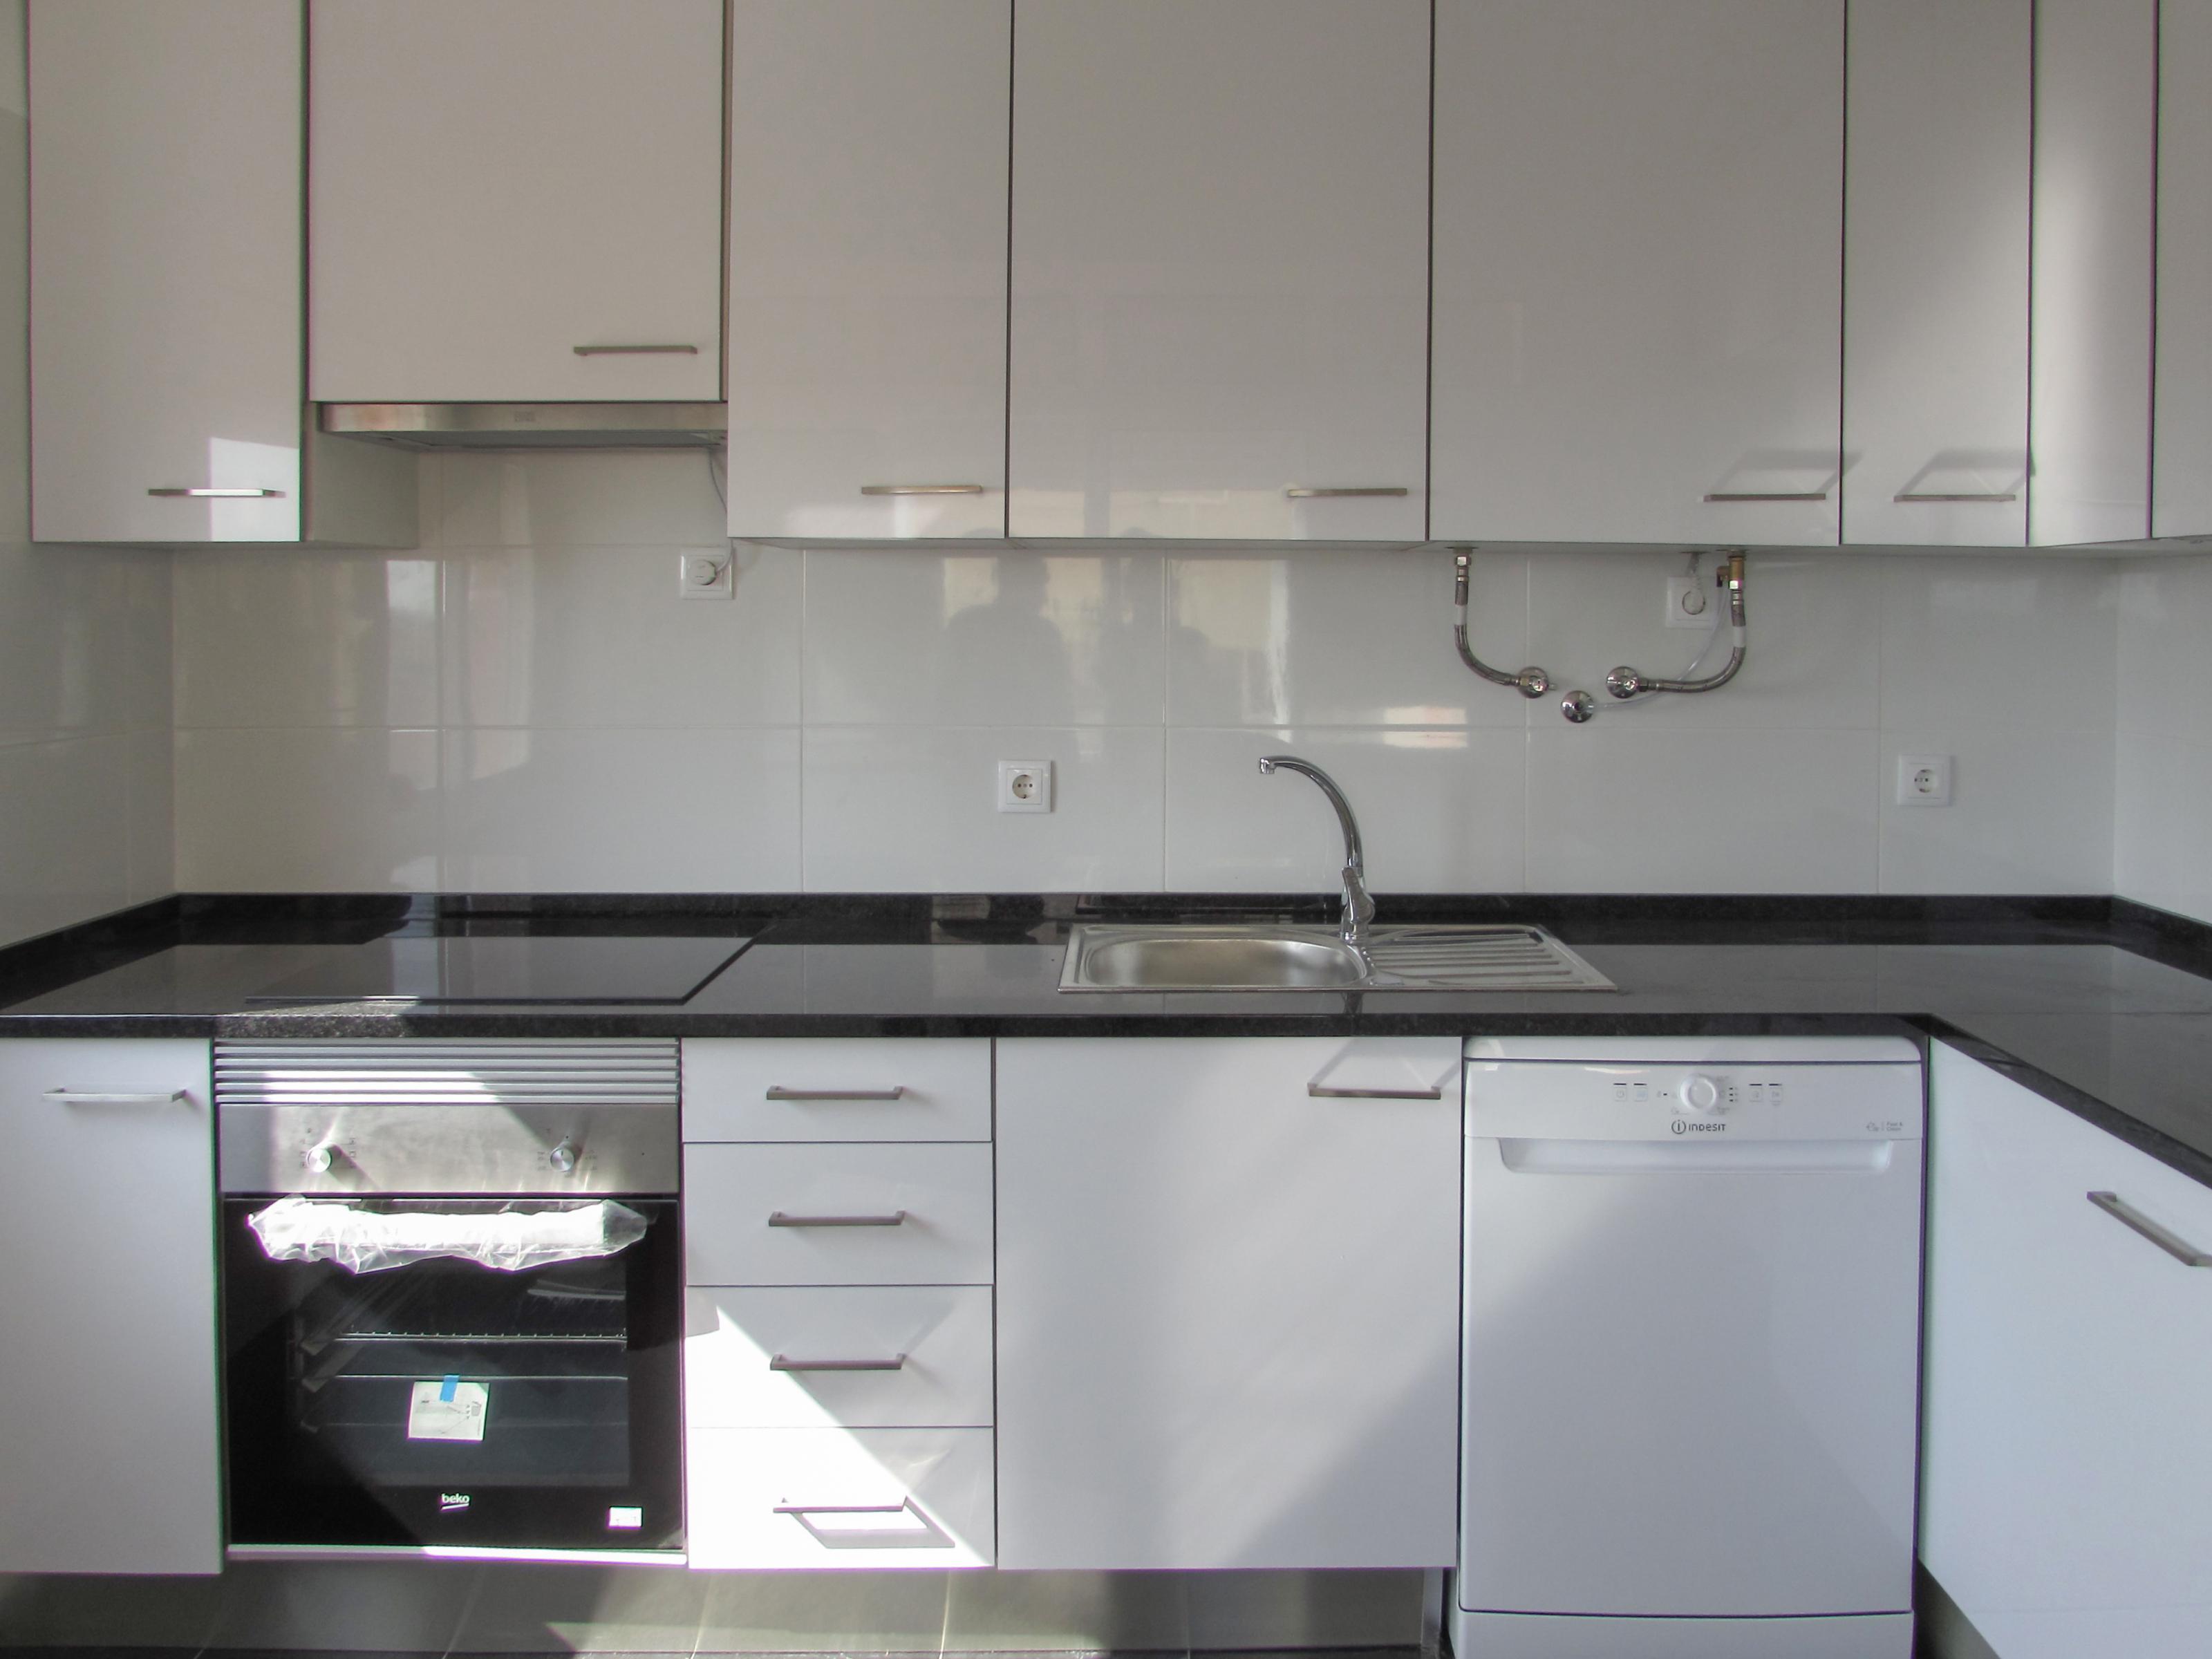 למכירה, דירת 3 חדרים במטרופולין ליסבון